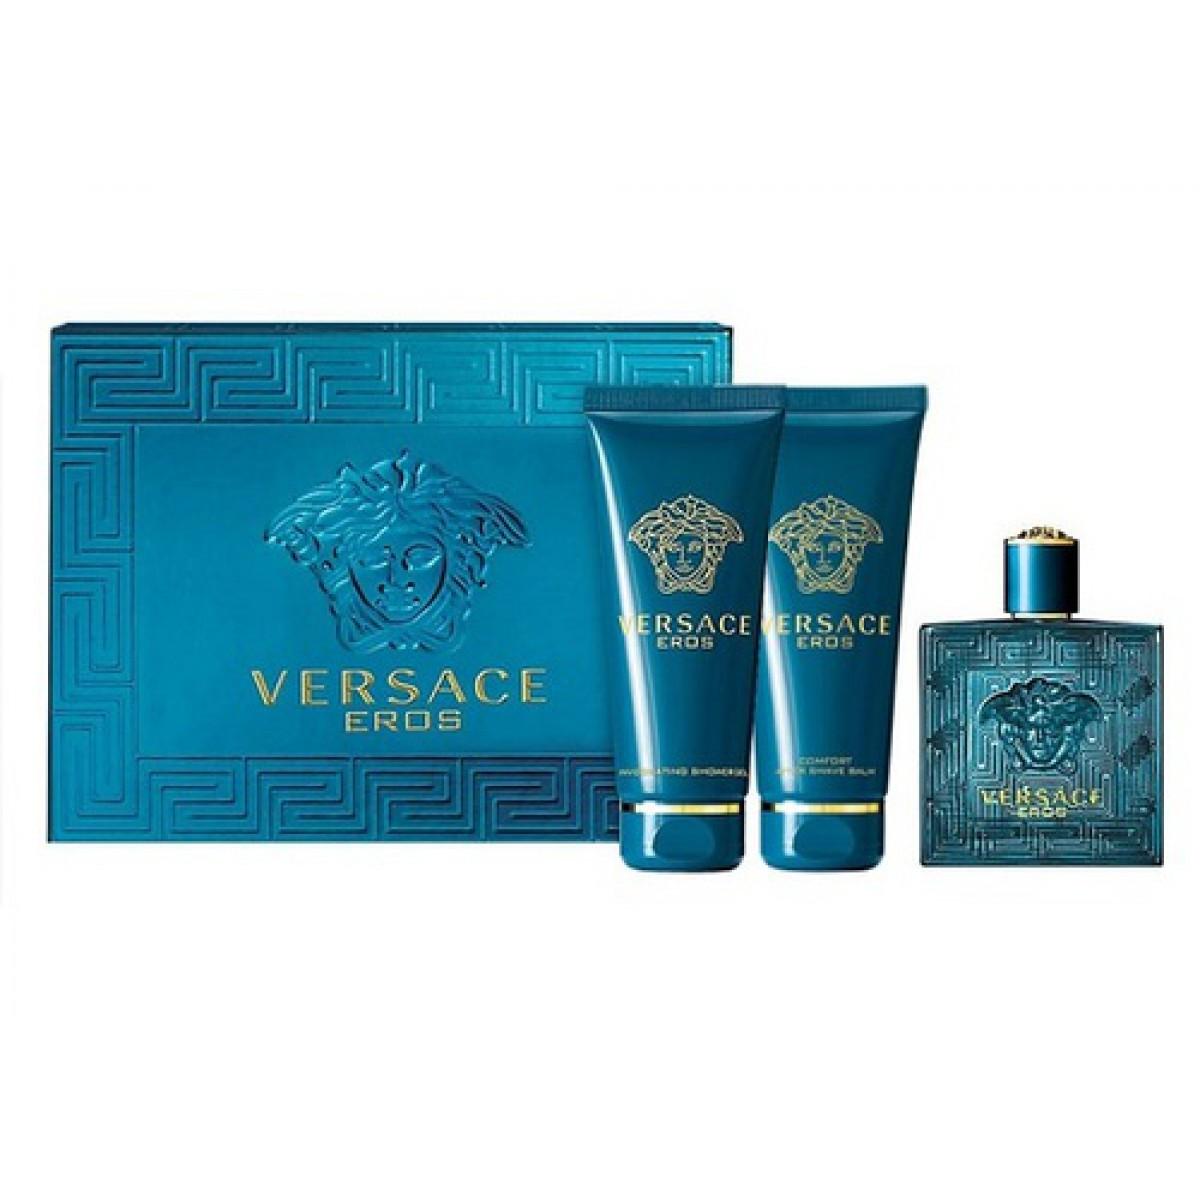 Versace_Eros_Подарочный_Набор_3В1